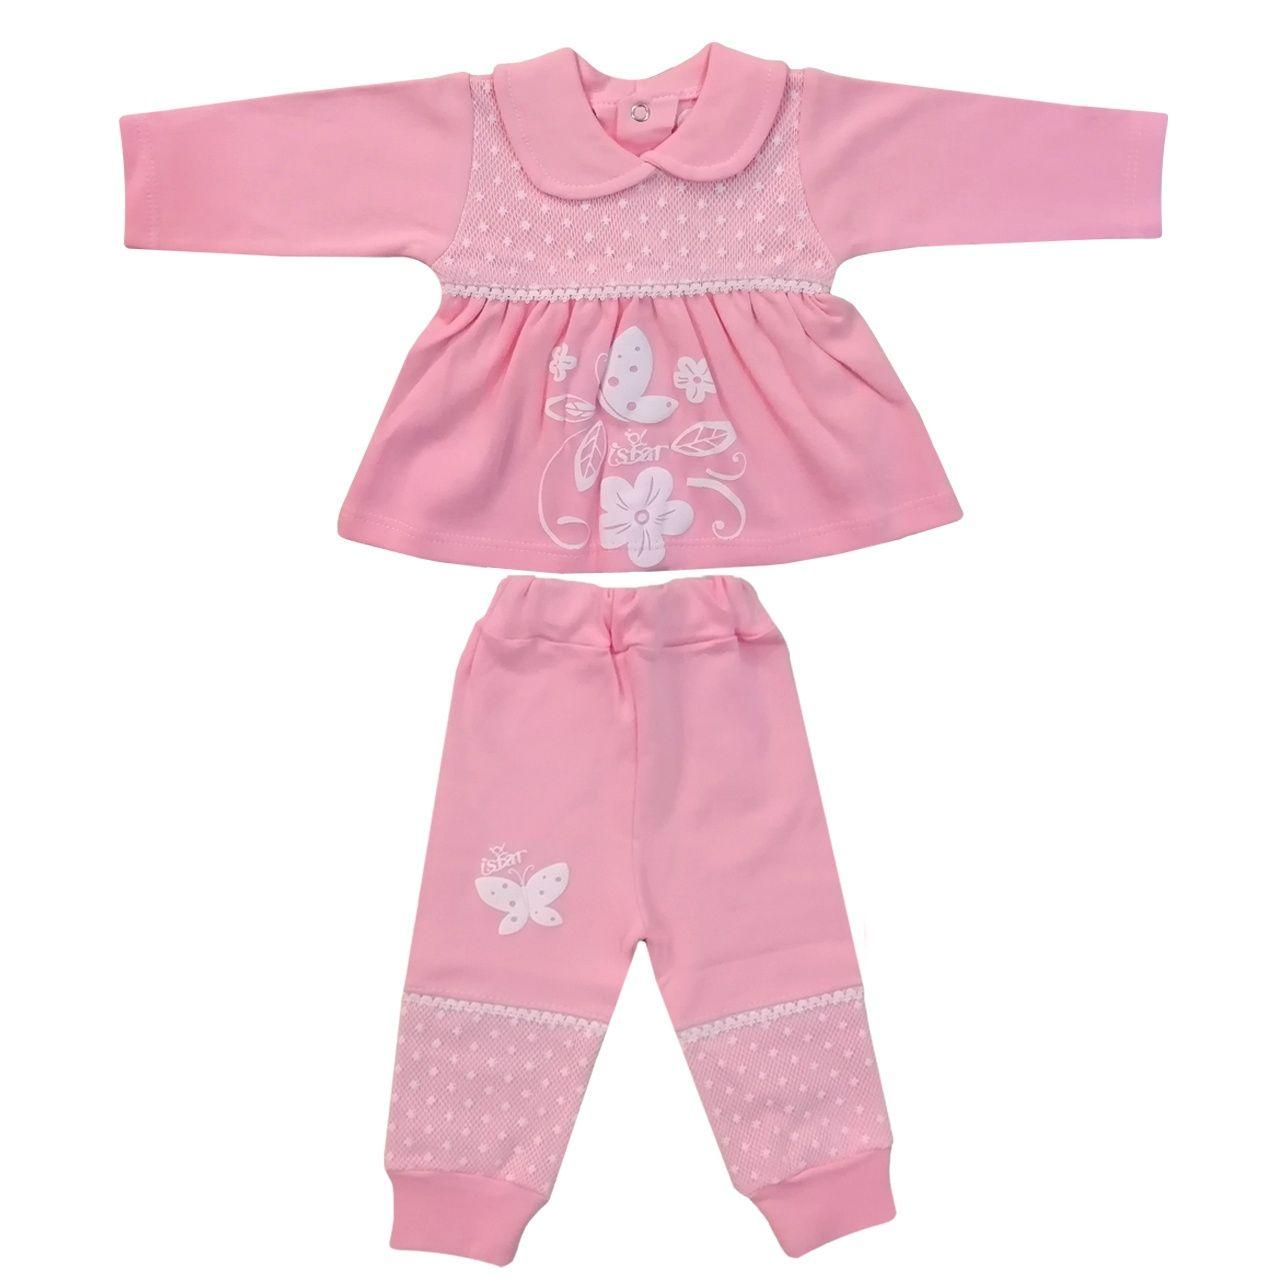 ست تیشرت و شلوار نوزادی دخترانه کد 980908 رنگ صورتی -  - 2